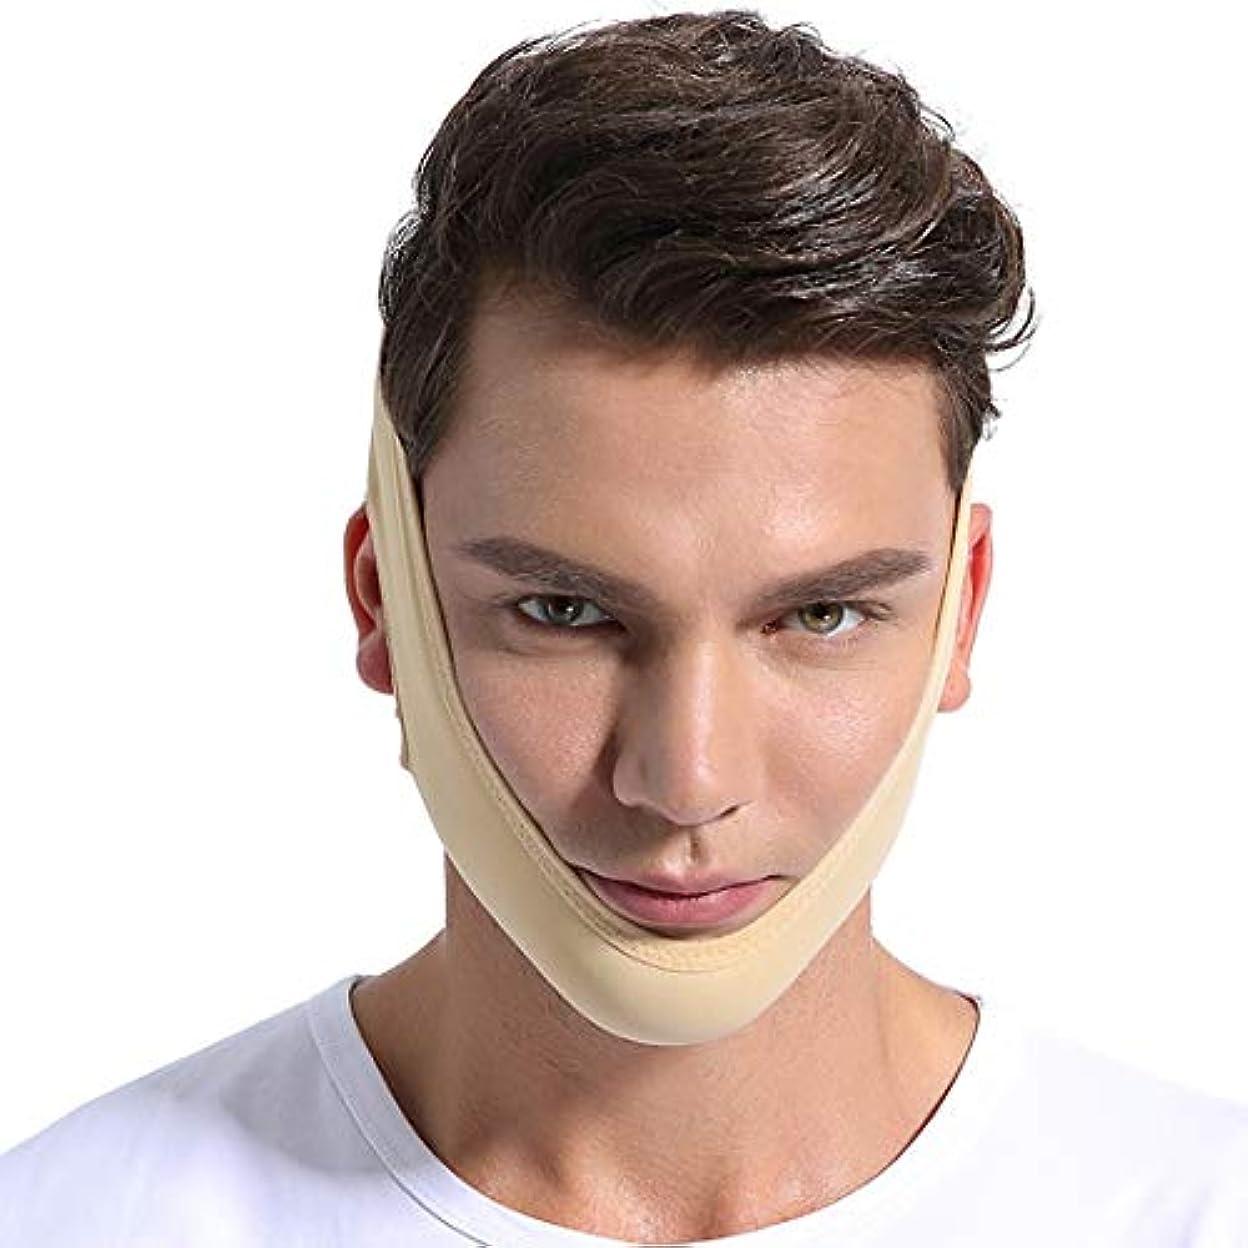 驚き偏心バクテリアZWBD フェイスマスク, 薄い顔包帯医療フェイスライン彫刻術後回復リフティングマスク男性の女性の顔包帯ヘッドギアv顔薄い顔アーティファクト